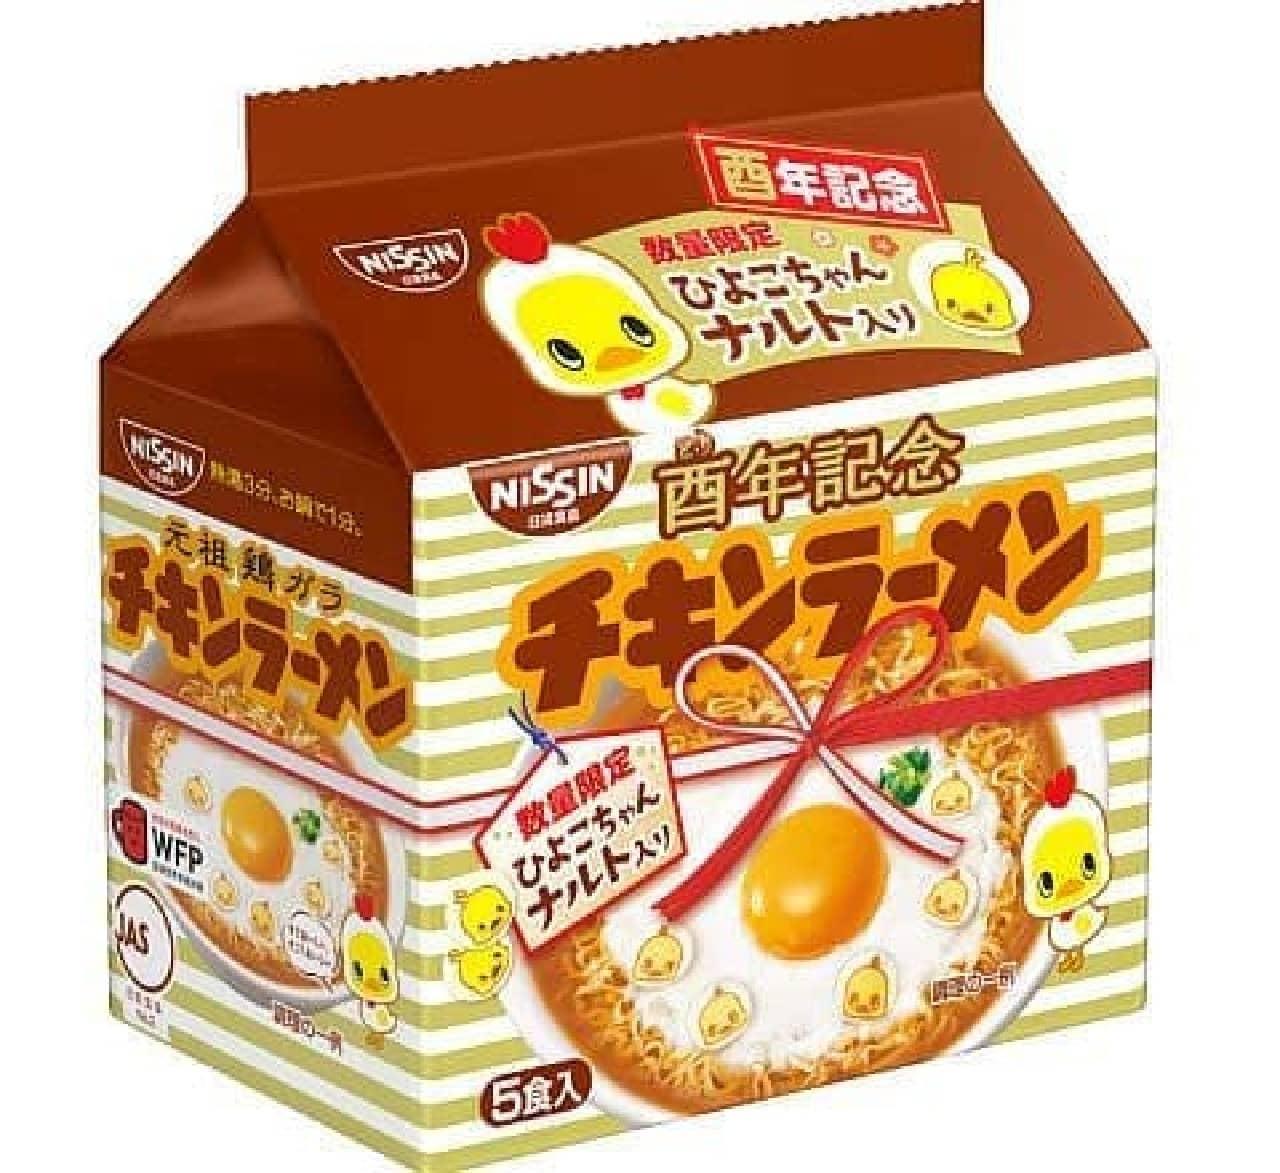 日清食品「チキンラーメン 酉年記念 5食パック ひよこちゃんナルト入り」